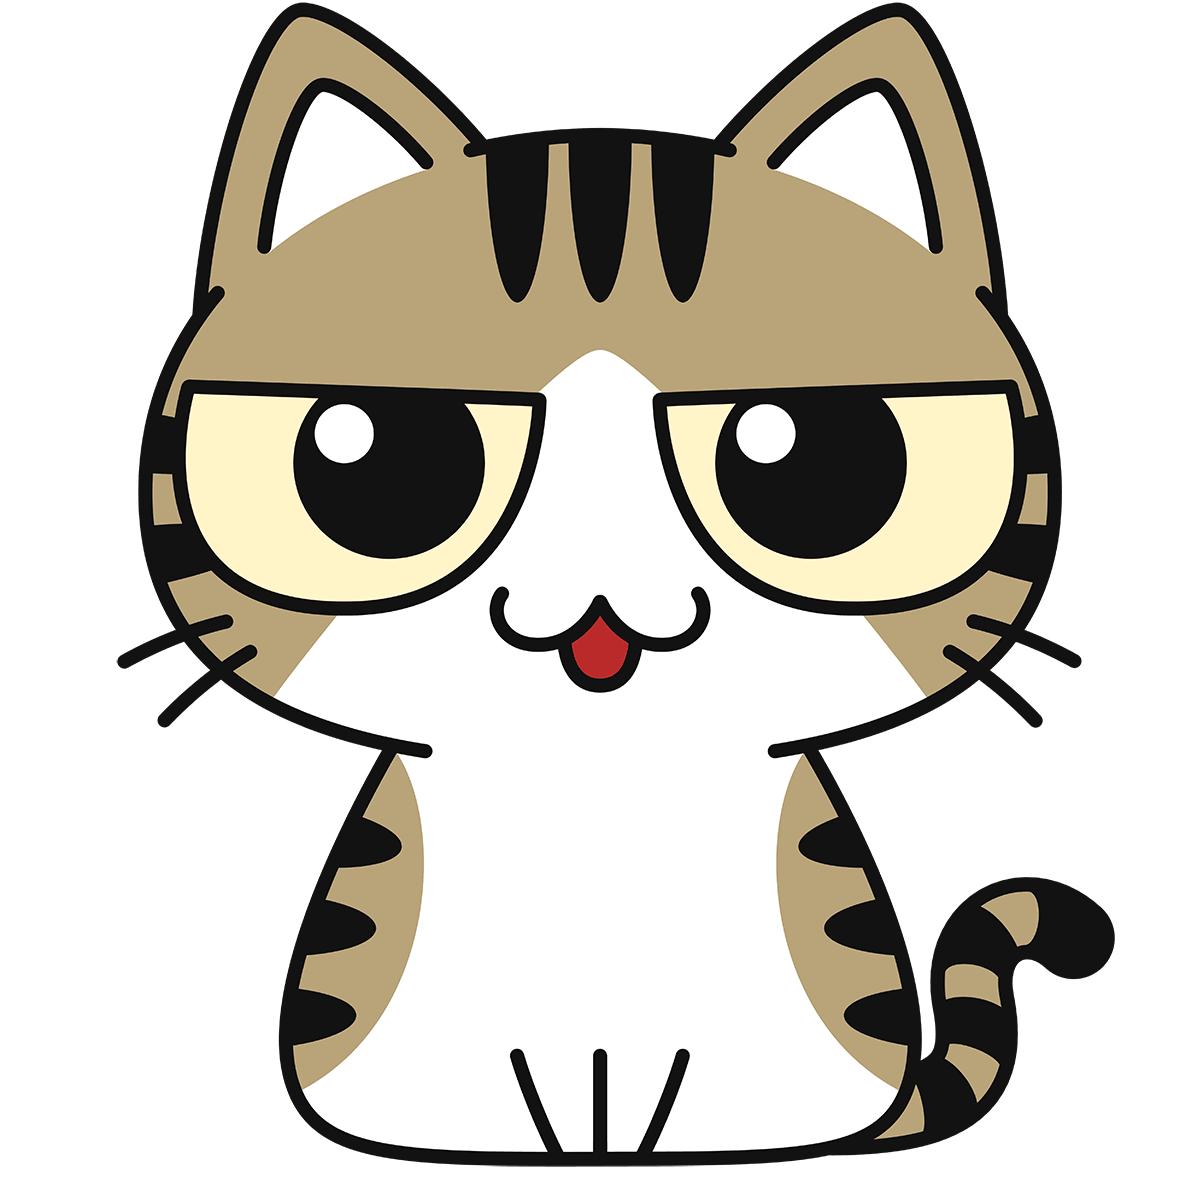 キジ白猫(話す)の無料イラスト